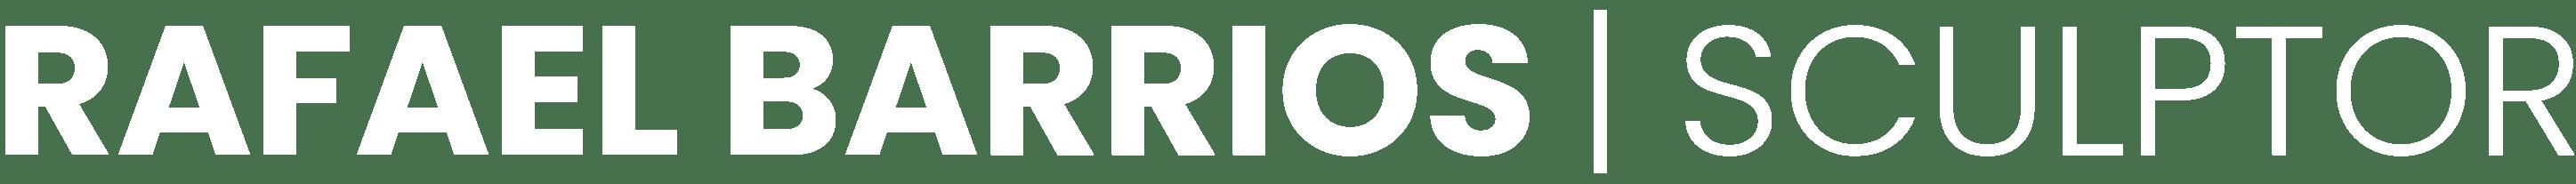 Rafael Barrios | Sculptor company logo